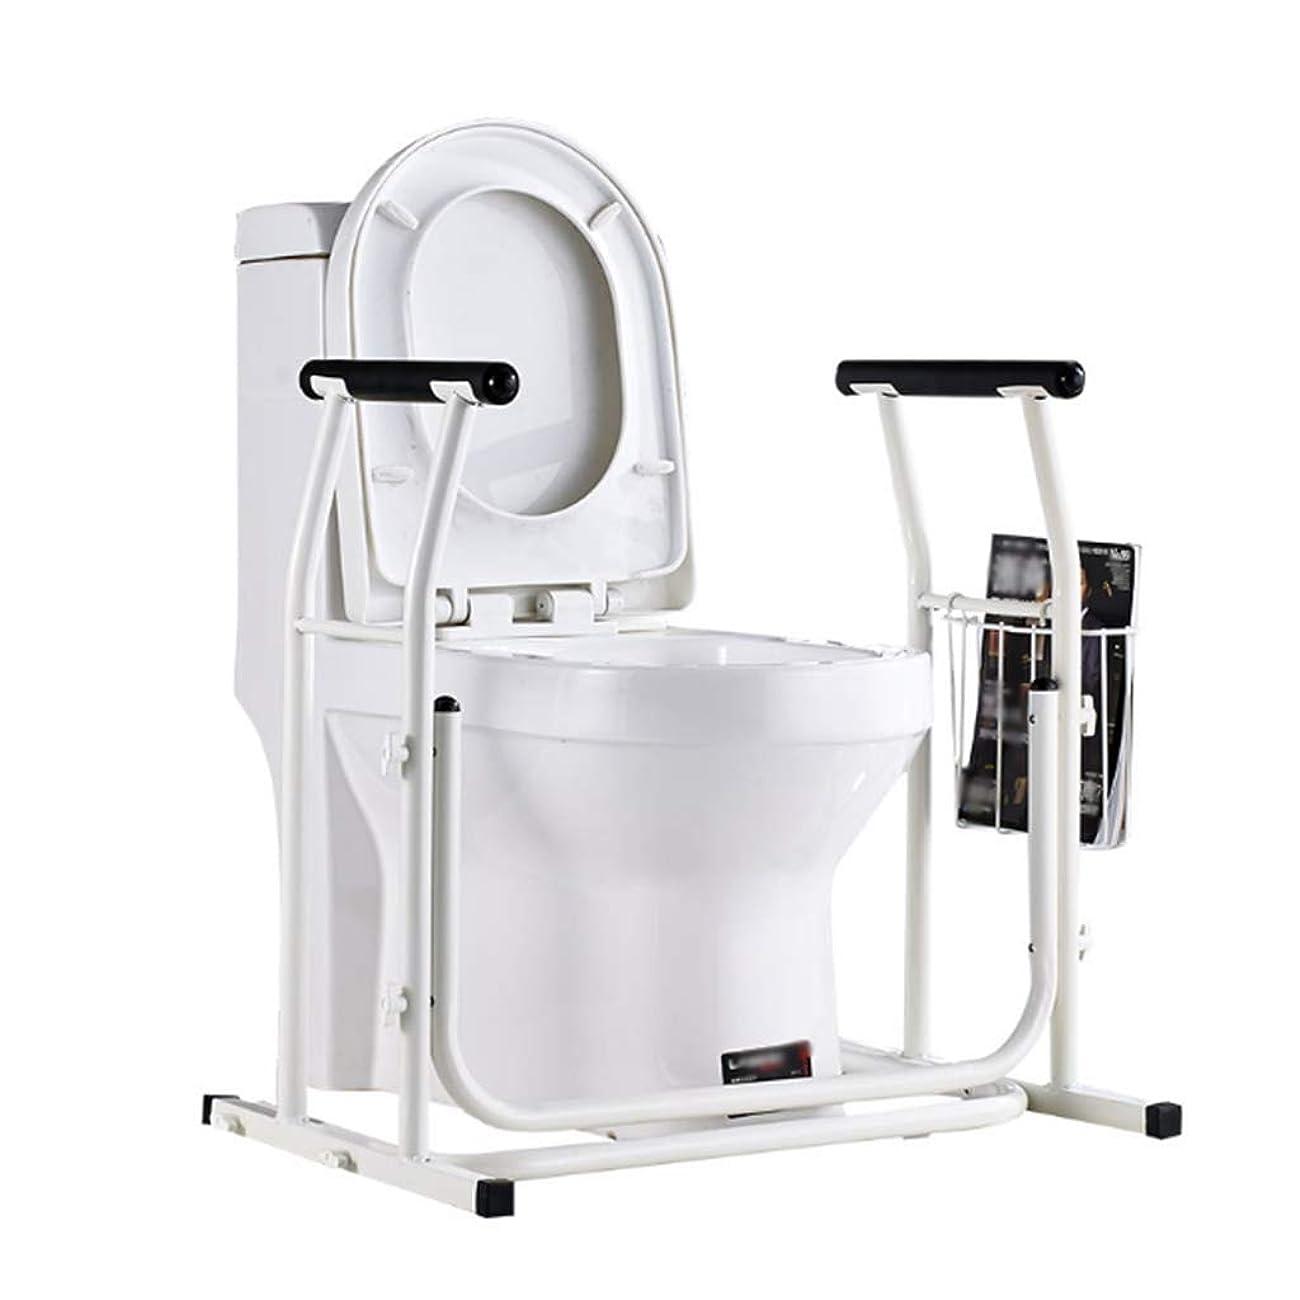 シンボルダルセット許容トイレ用手すり 高齢者&障害者のための理想のトイレの安全フレーム、スチール便器安全フレーム、ハンドル、トイレ鉄道グラブバー、